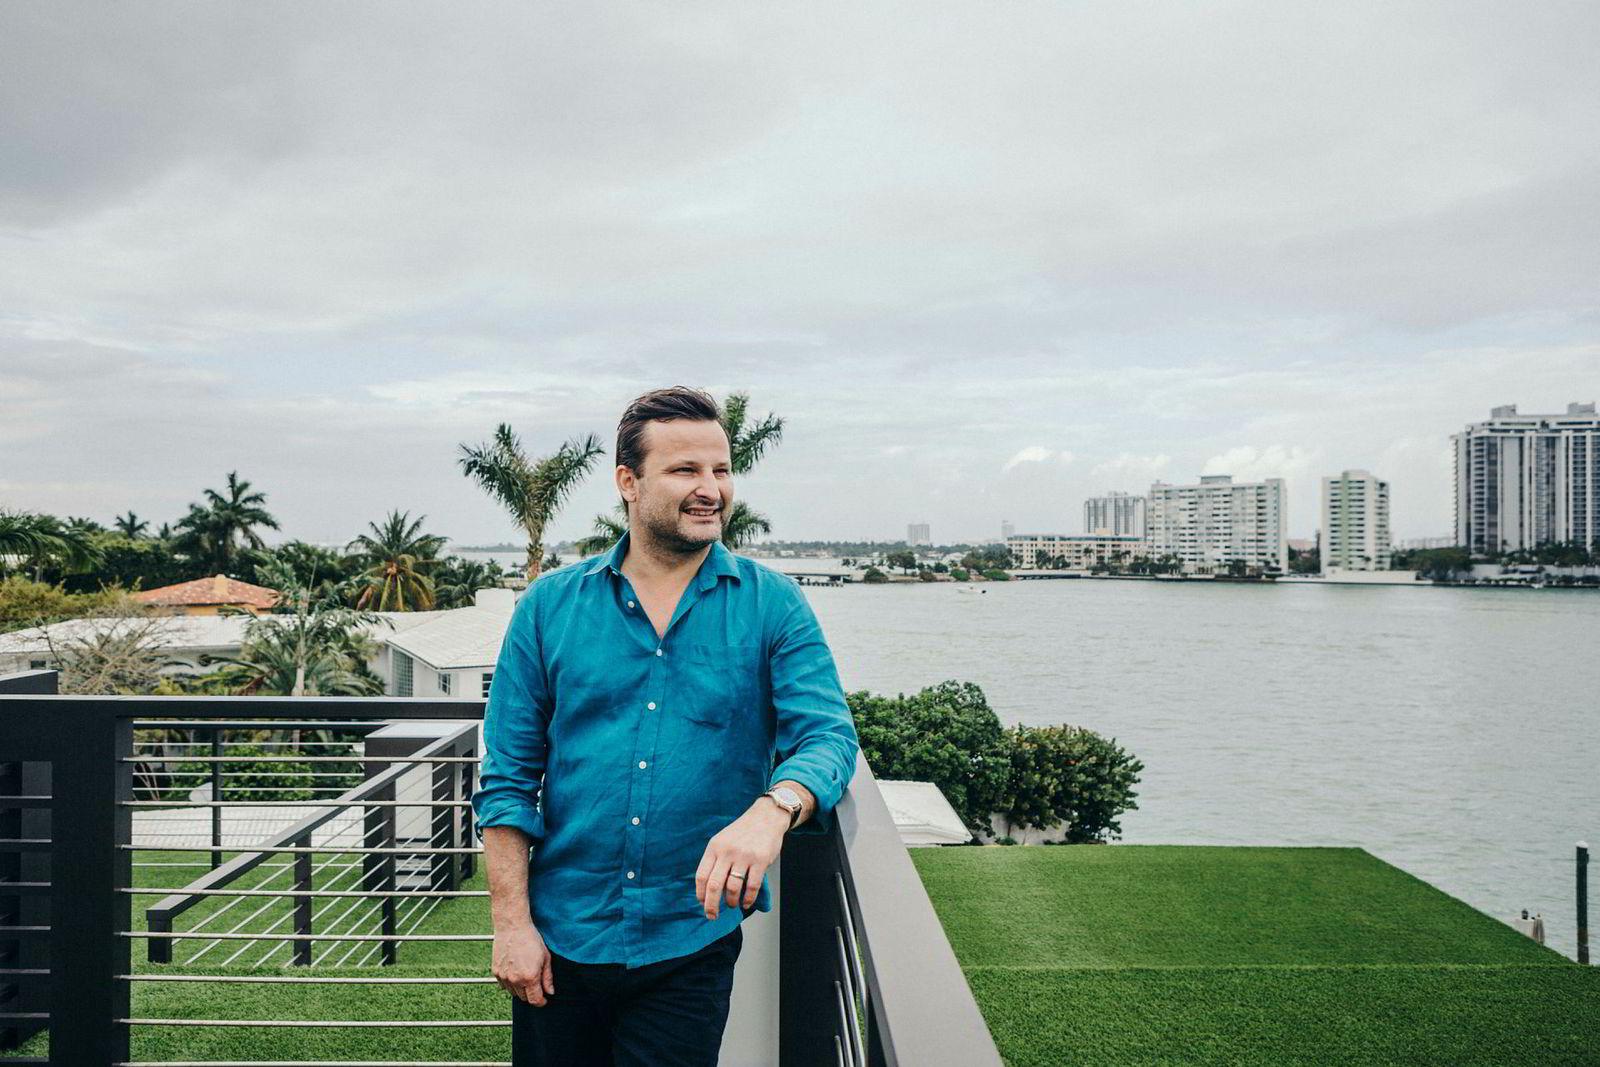 Are Traasdal, seriegründer og investor (Miami, New York – fra Orkdal). Opprinnelig fra Orkdal, men reiste til New York og startet og solgte først Thumpplay, så Tapad, som ble solgt til Telenor for tre milliarder kroner i 2016. En kvart milliard av overskuddet er satt av til investeringer i norske programvareselskaper med globale vekstmuligheter gjennom investeringsselskapet Spring Capital. Etter et års seiltur med familien har han satt i gang med å bygge opp et nytt selskap. Utdannet ved NTNU.